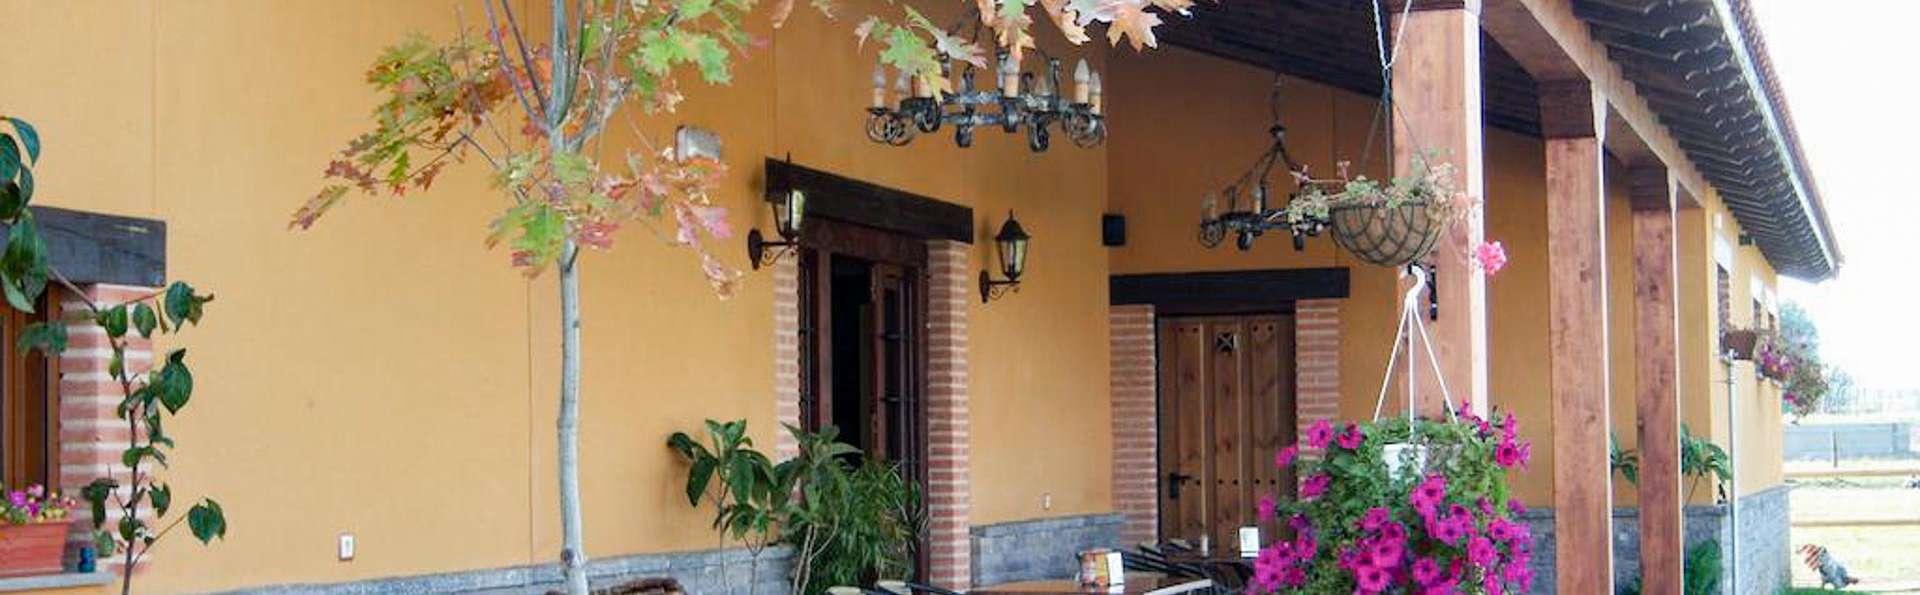 Fin de semana rural con una cena en Carrizo de Ribera ( desde 2 noches)